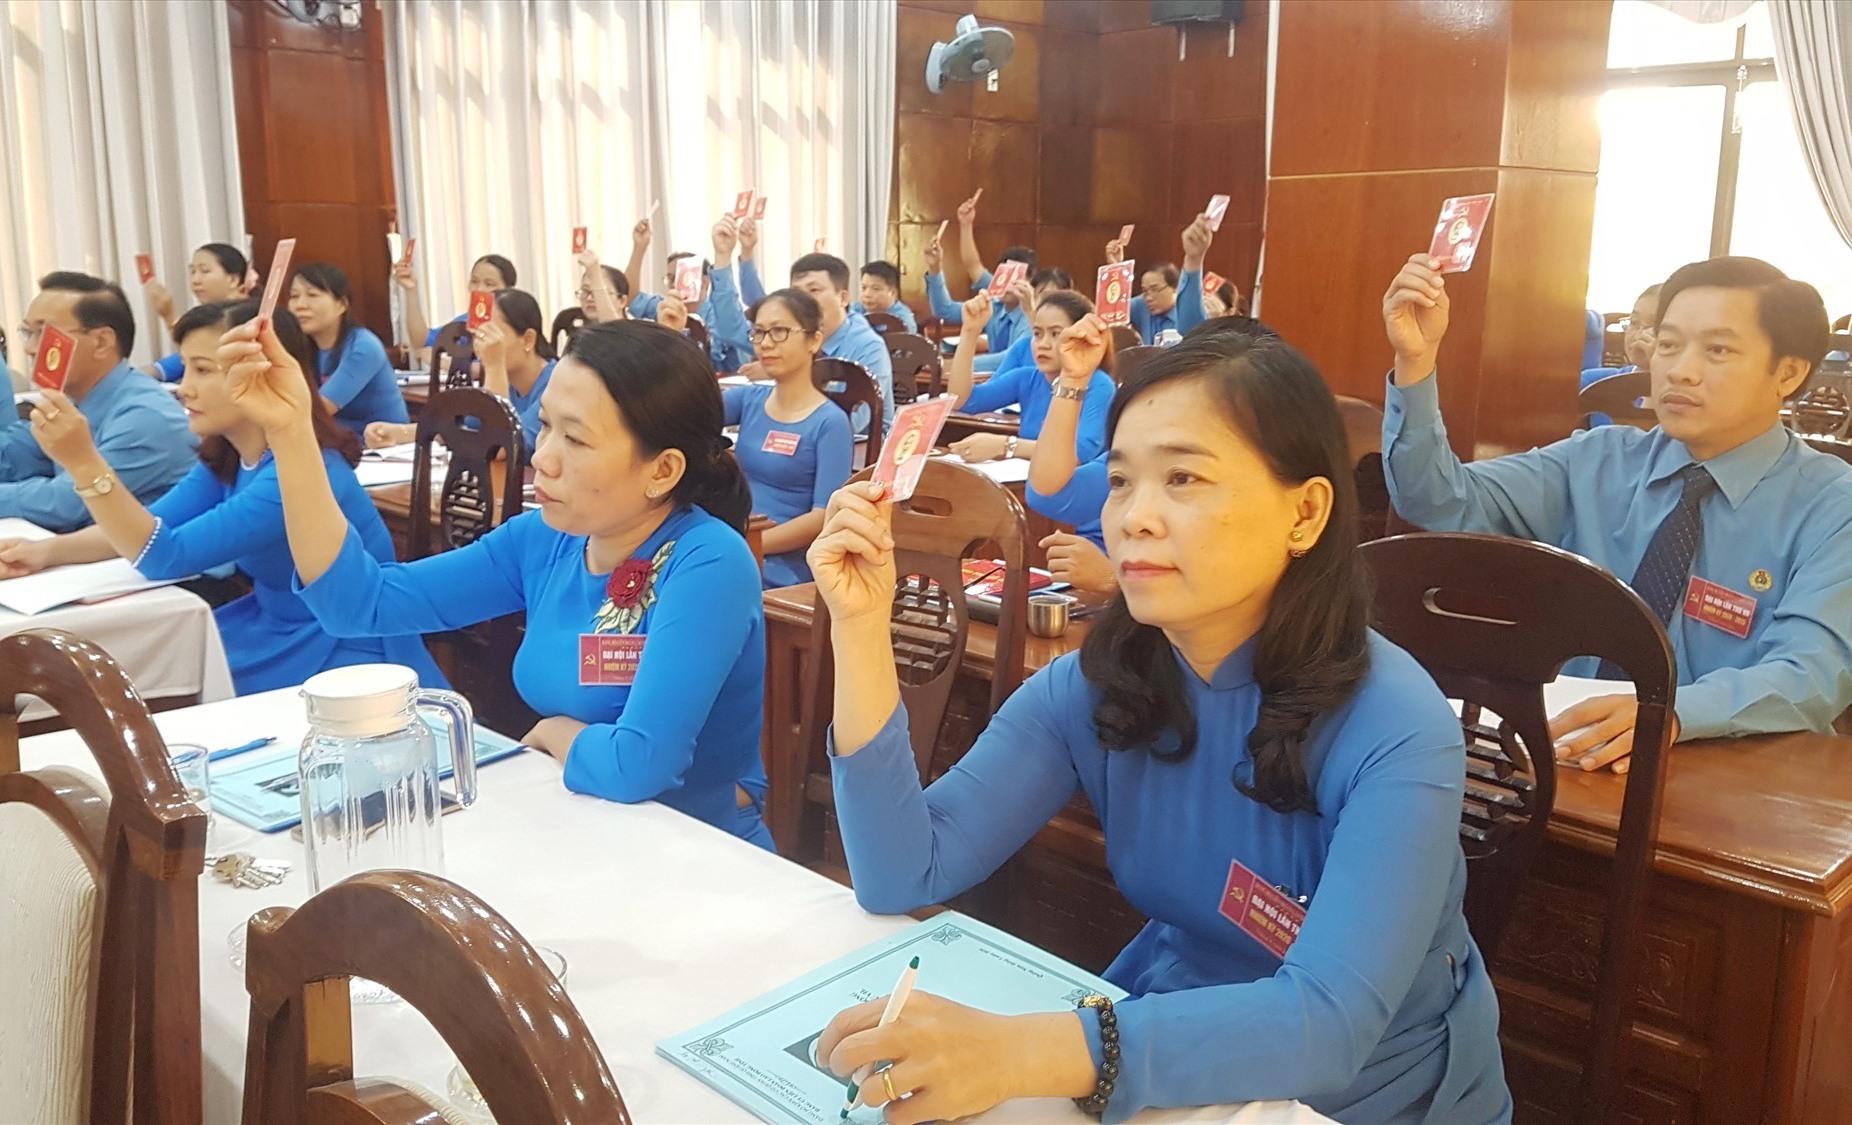 Đại biểu dự Đại hội biểu quyết thông qua nội dung Đại hội. Ảnh: D.L